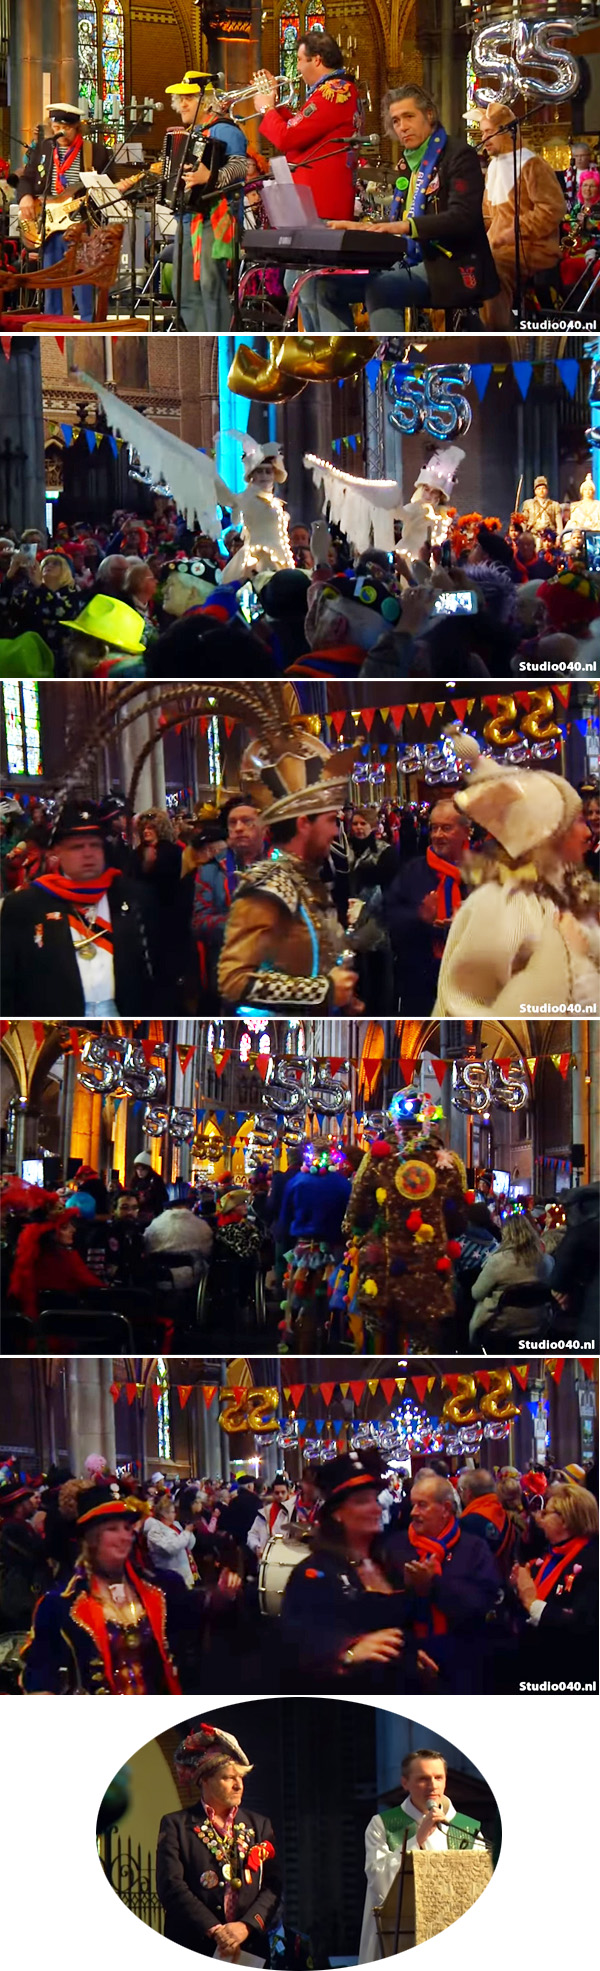 Carnaval en una iglesia católica Duthch 2